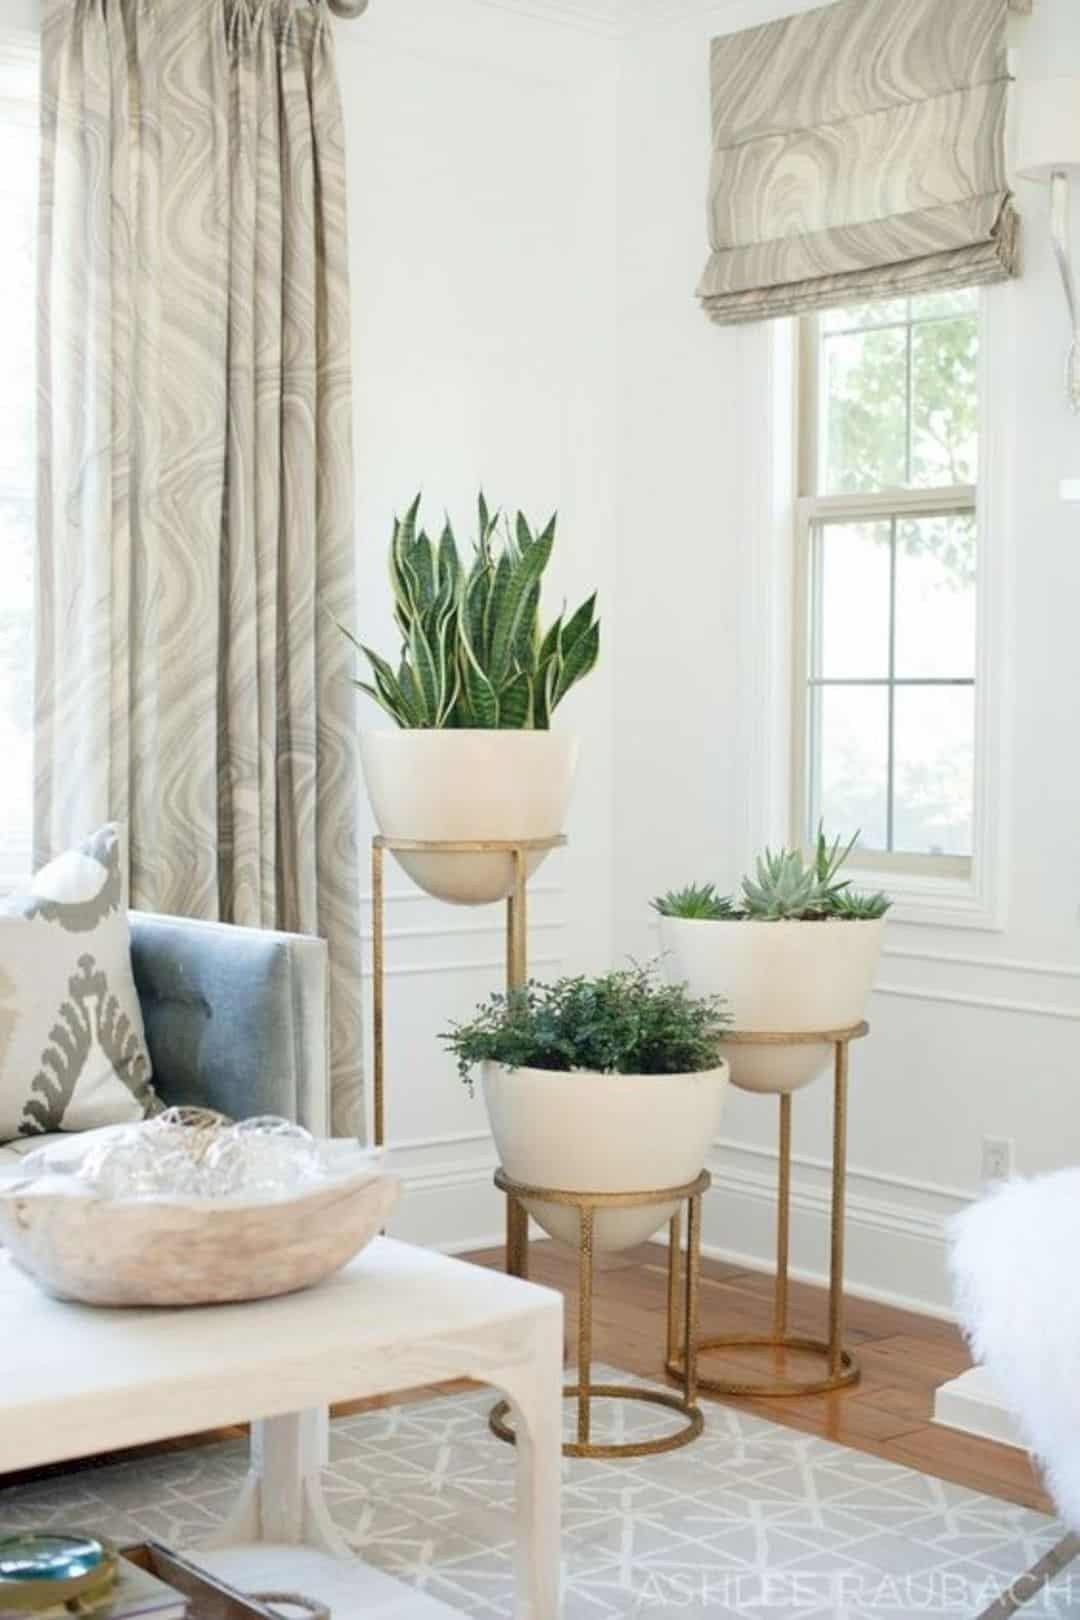 Small Living Room Decor Ideas 18 Home Decor Ideas for Small Living Room